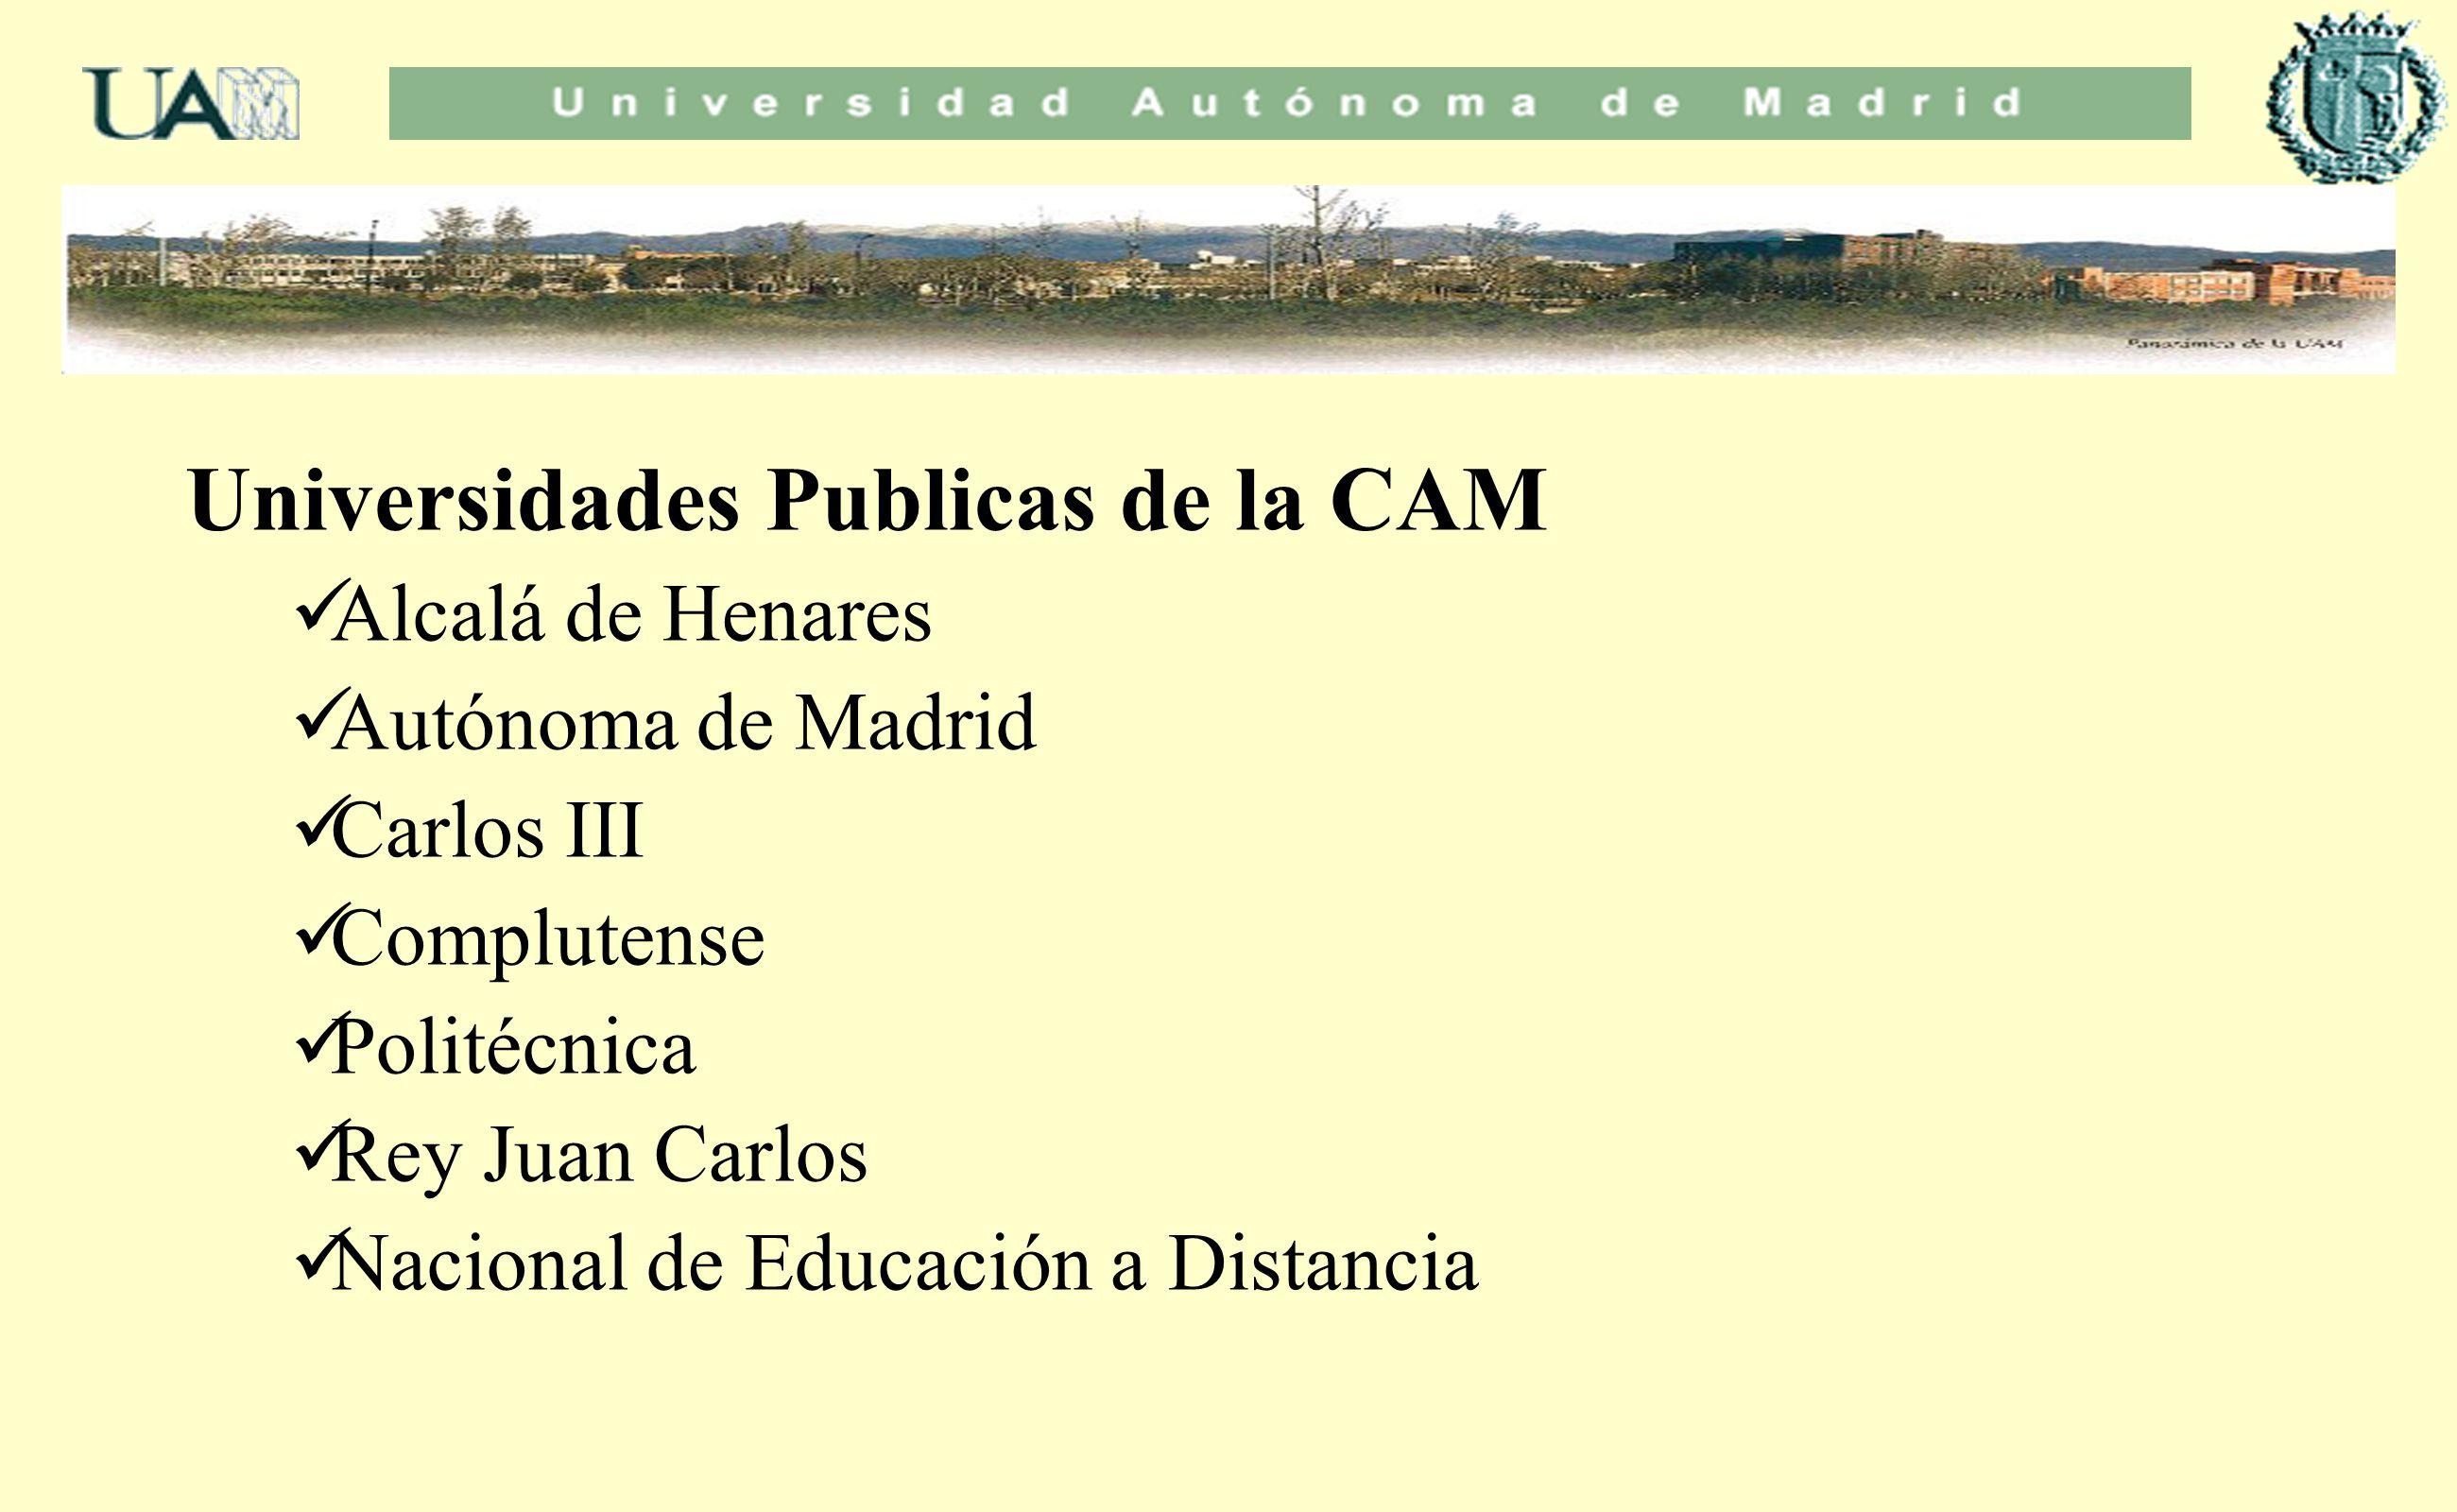 Universidades Publicas de la CAM Alcalá de Henares Autónoma de Madrid Carlos III Complutense Politécnica Rey Juan Carlos Nacional de Educación a Dista